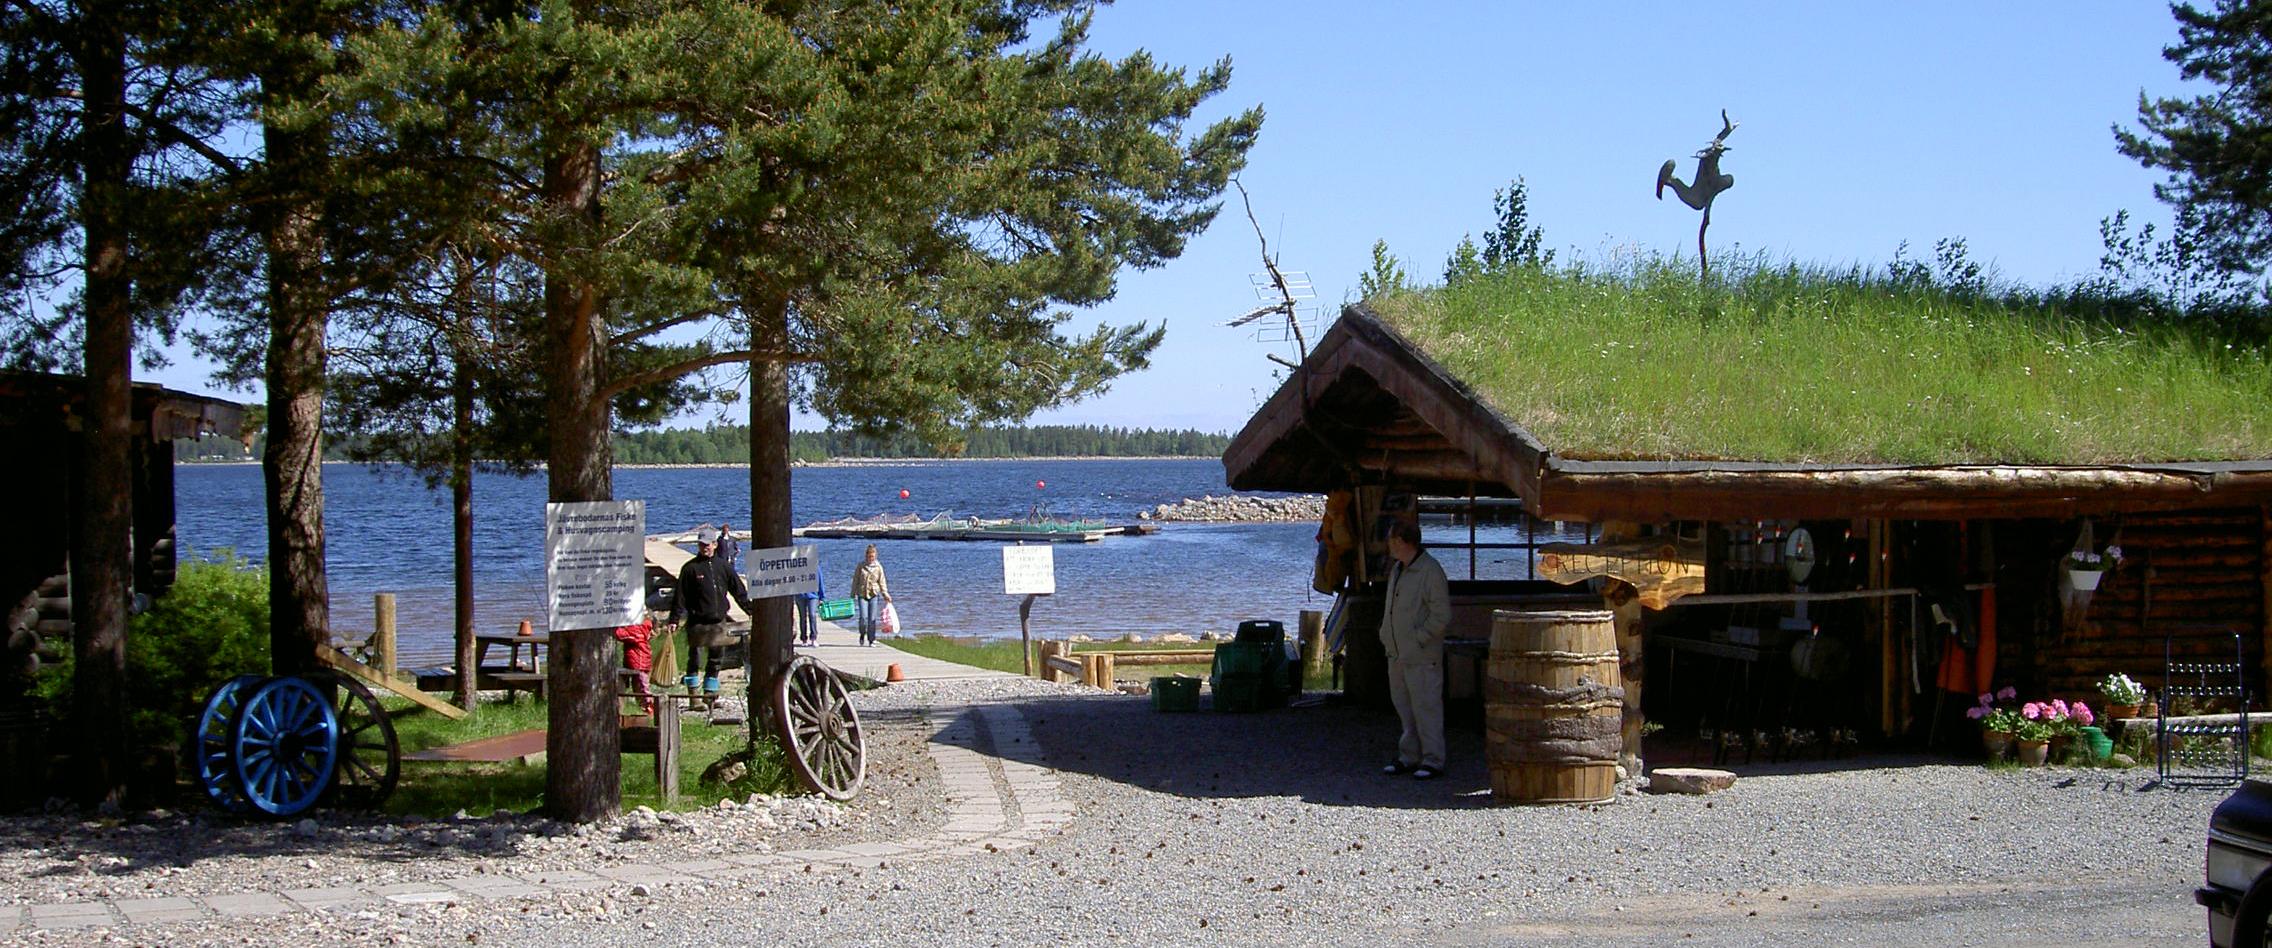 Jävrebodarnas FiskeCamp